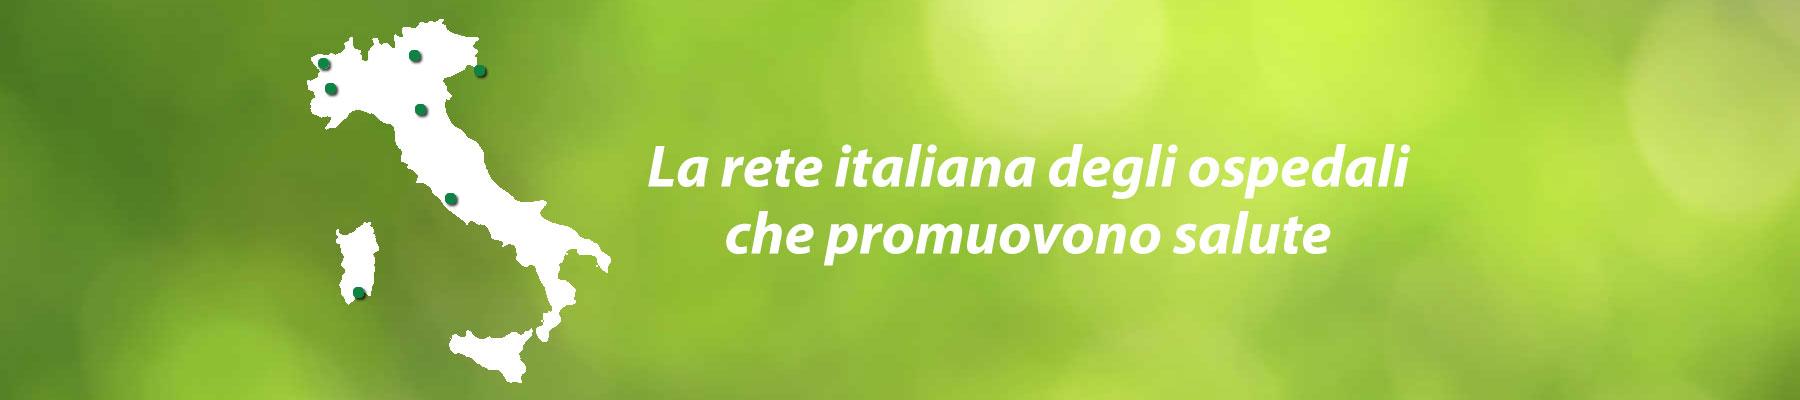 La rete italiana degli ospedali che promuovono salute